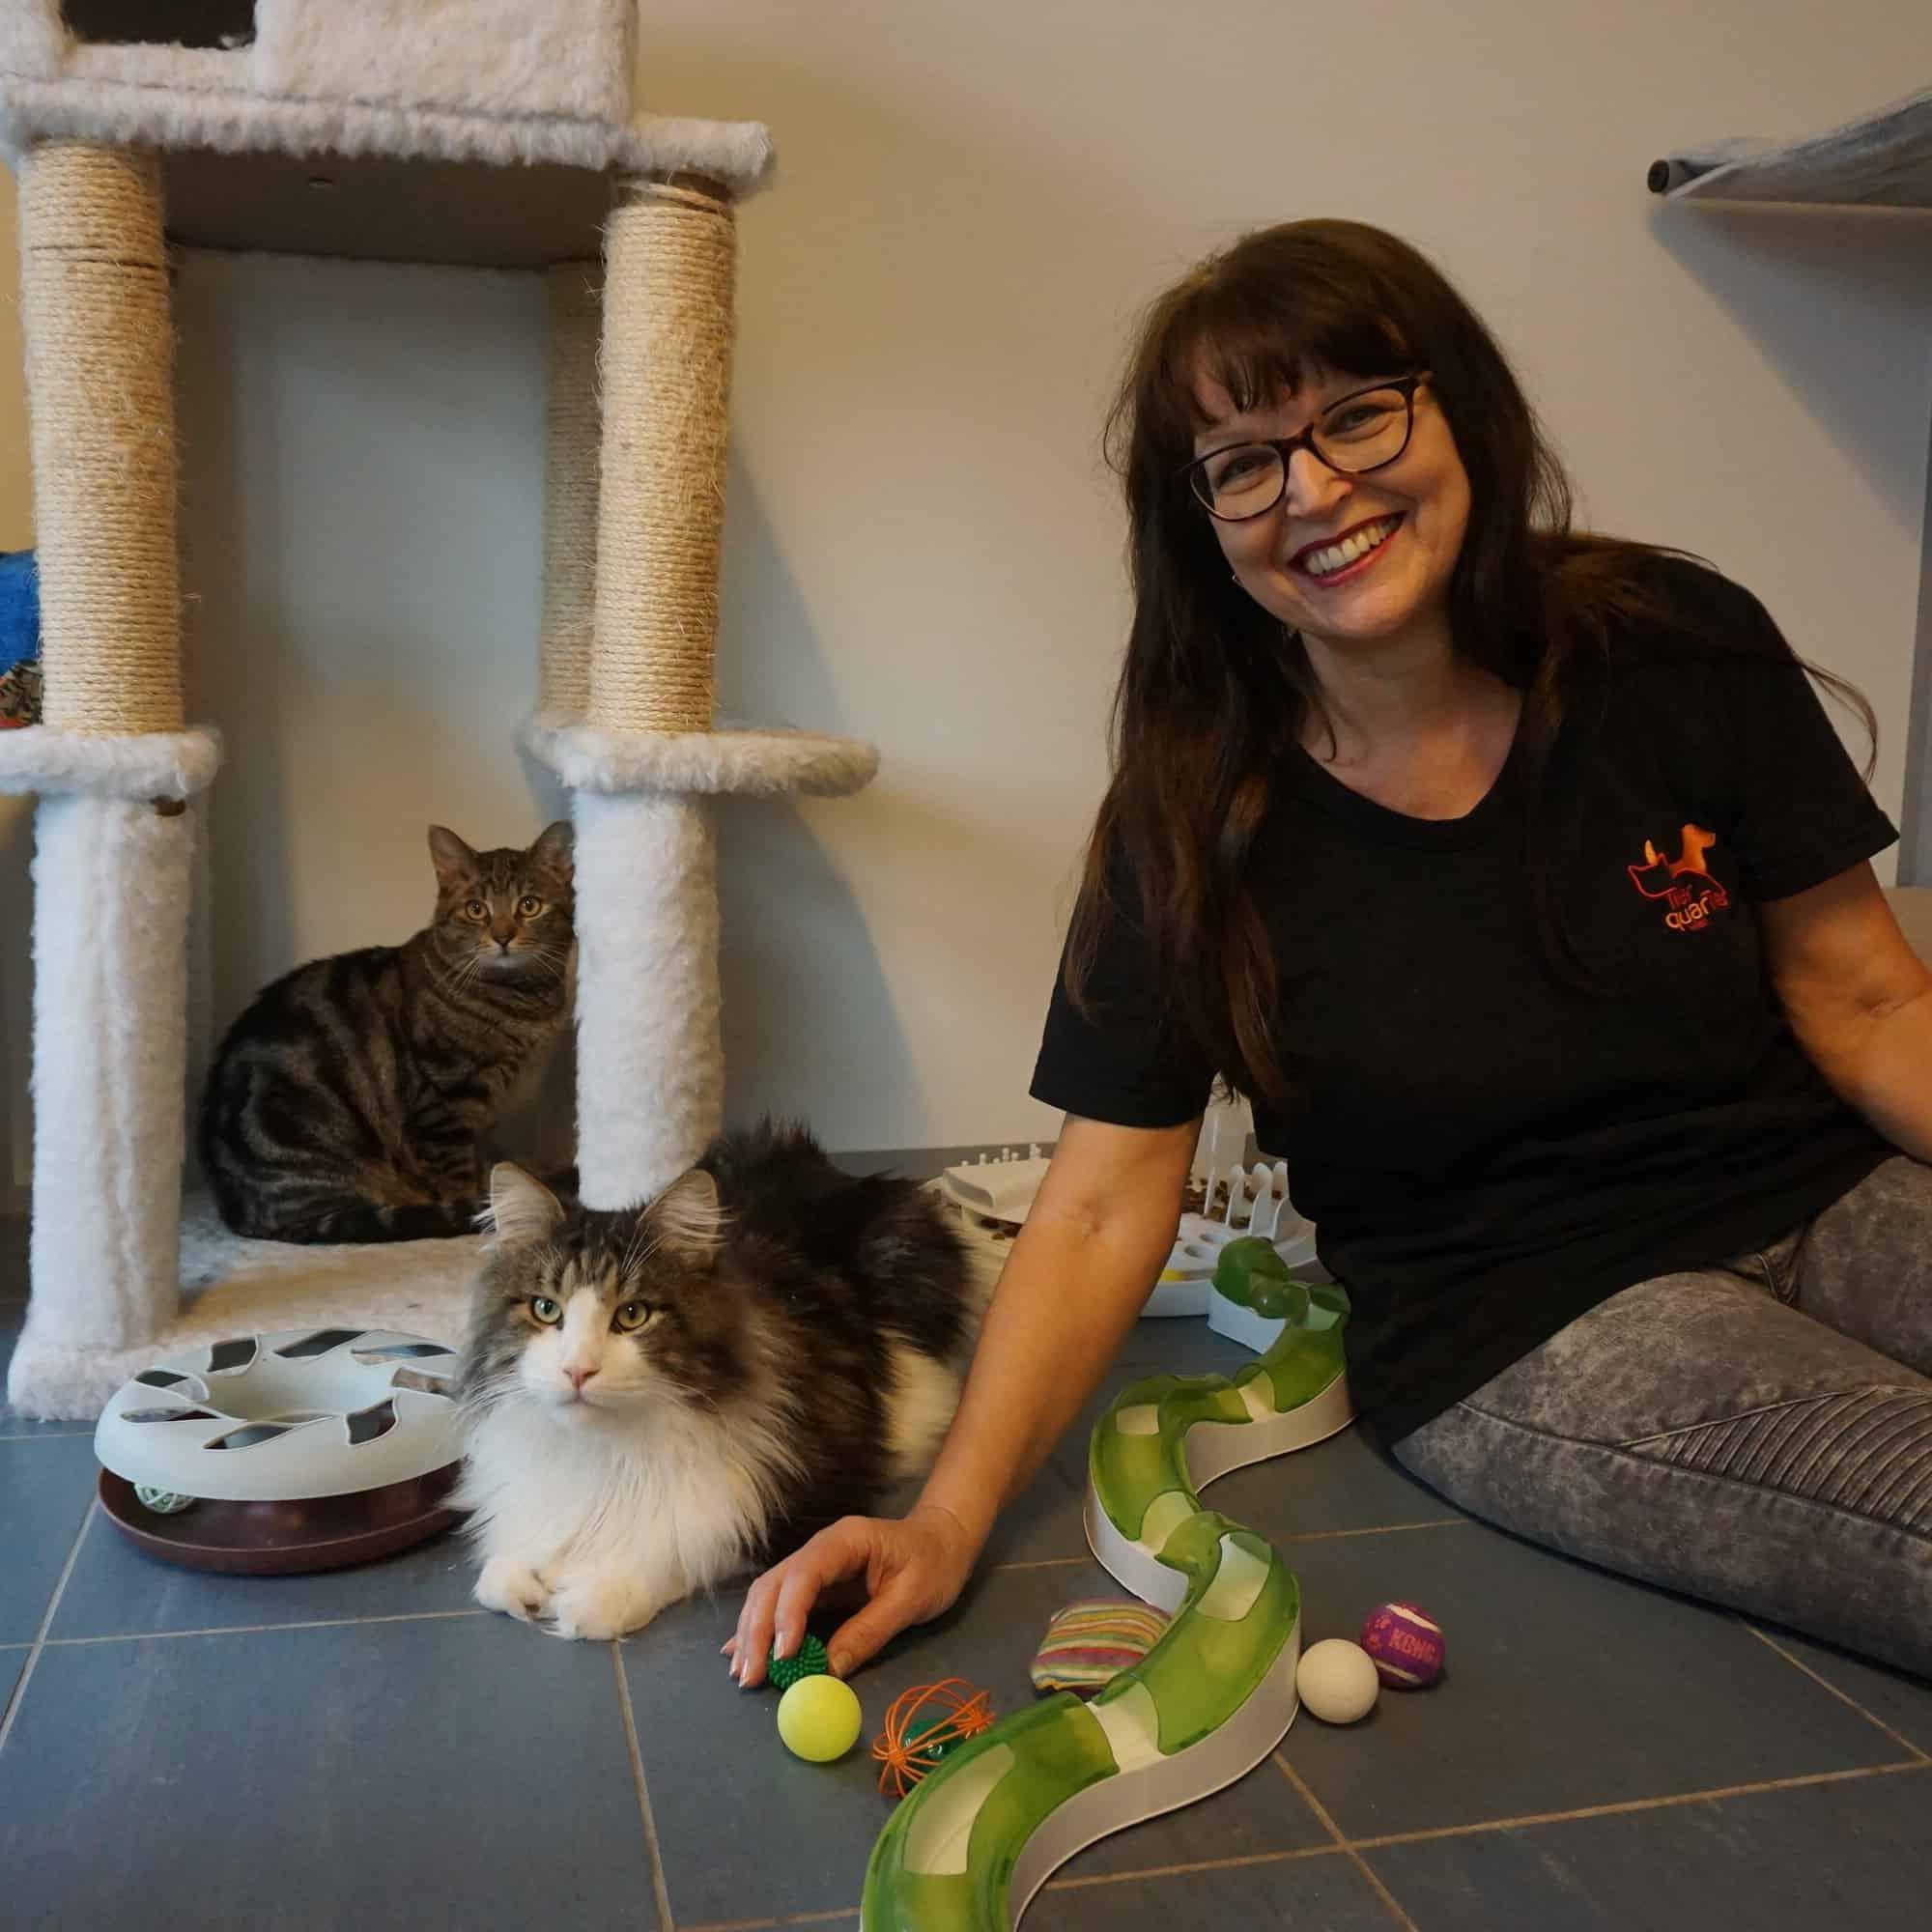 Eine Frau sitzt auf dem Boden und streichelt eine Katze.